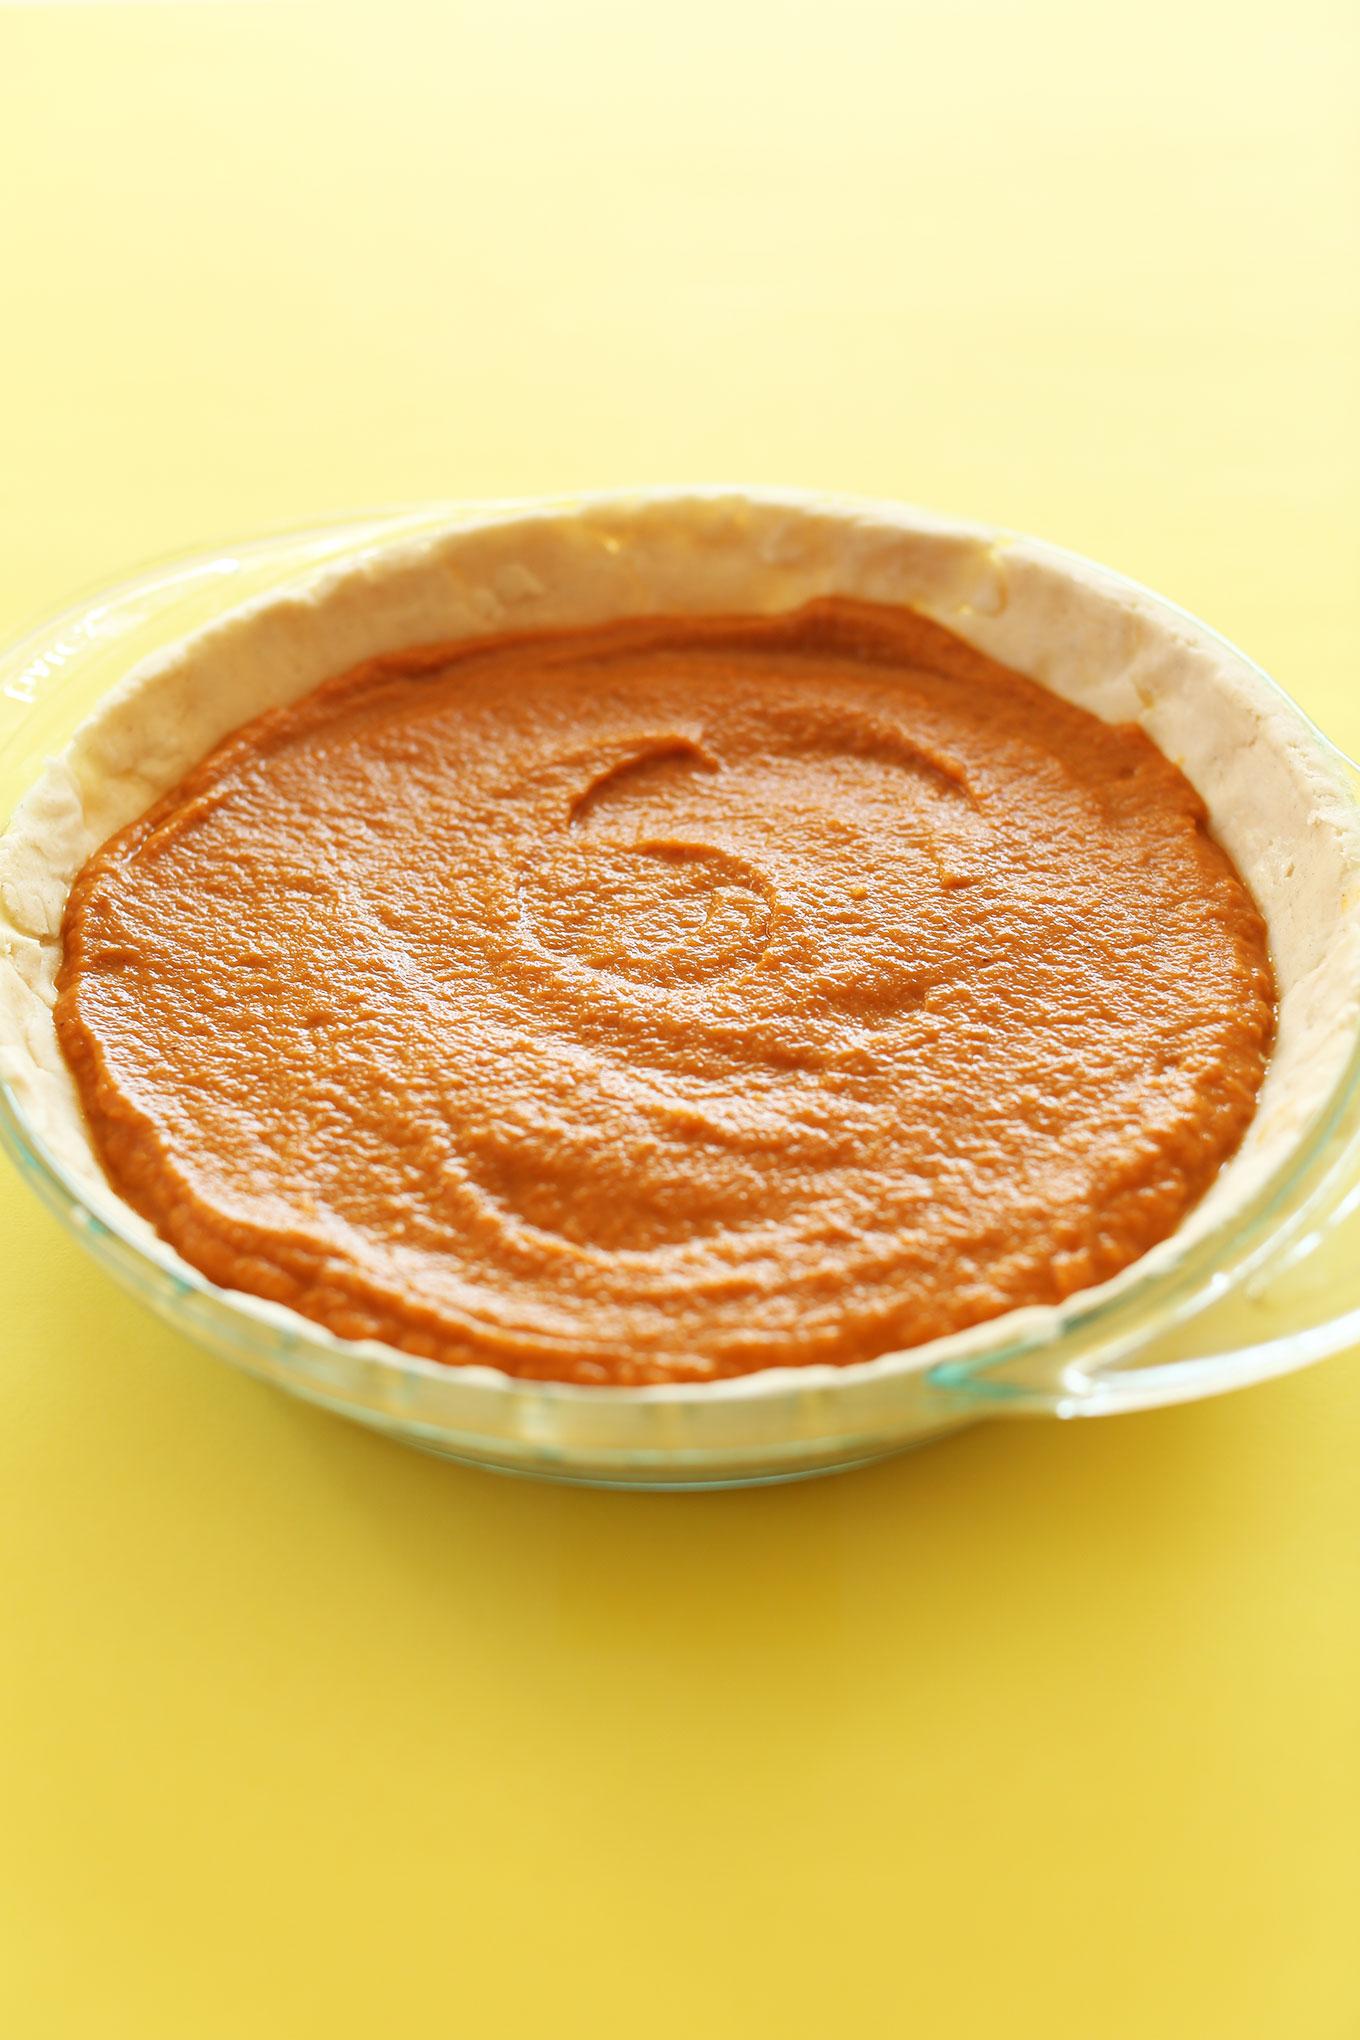 Vegan Gluten-Free Pumpkin Pie ready to go in the oven